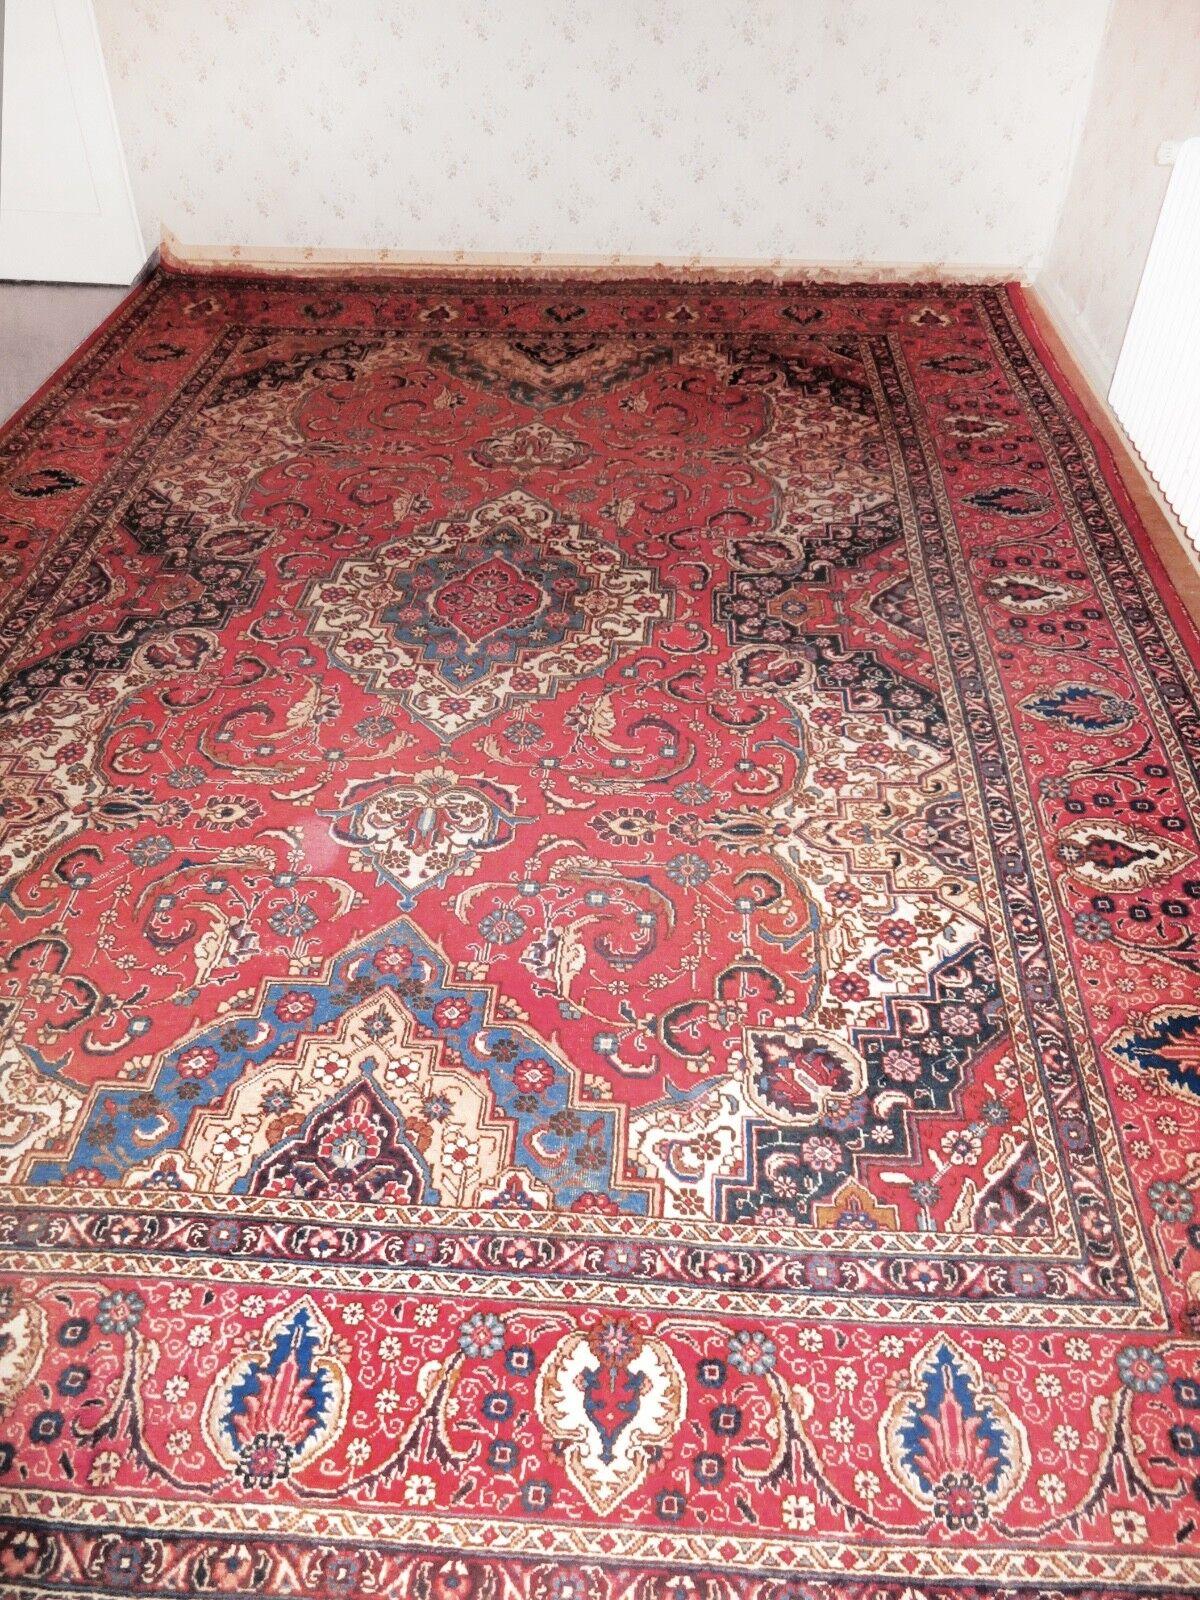 Teppich 3x4 Meter : teppich 3x4 meter test vergleich teppich 3x4 meter ~ Yuntae.com Dekorationen Ideen